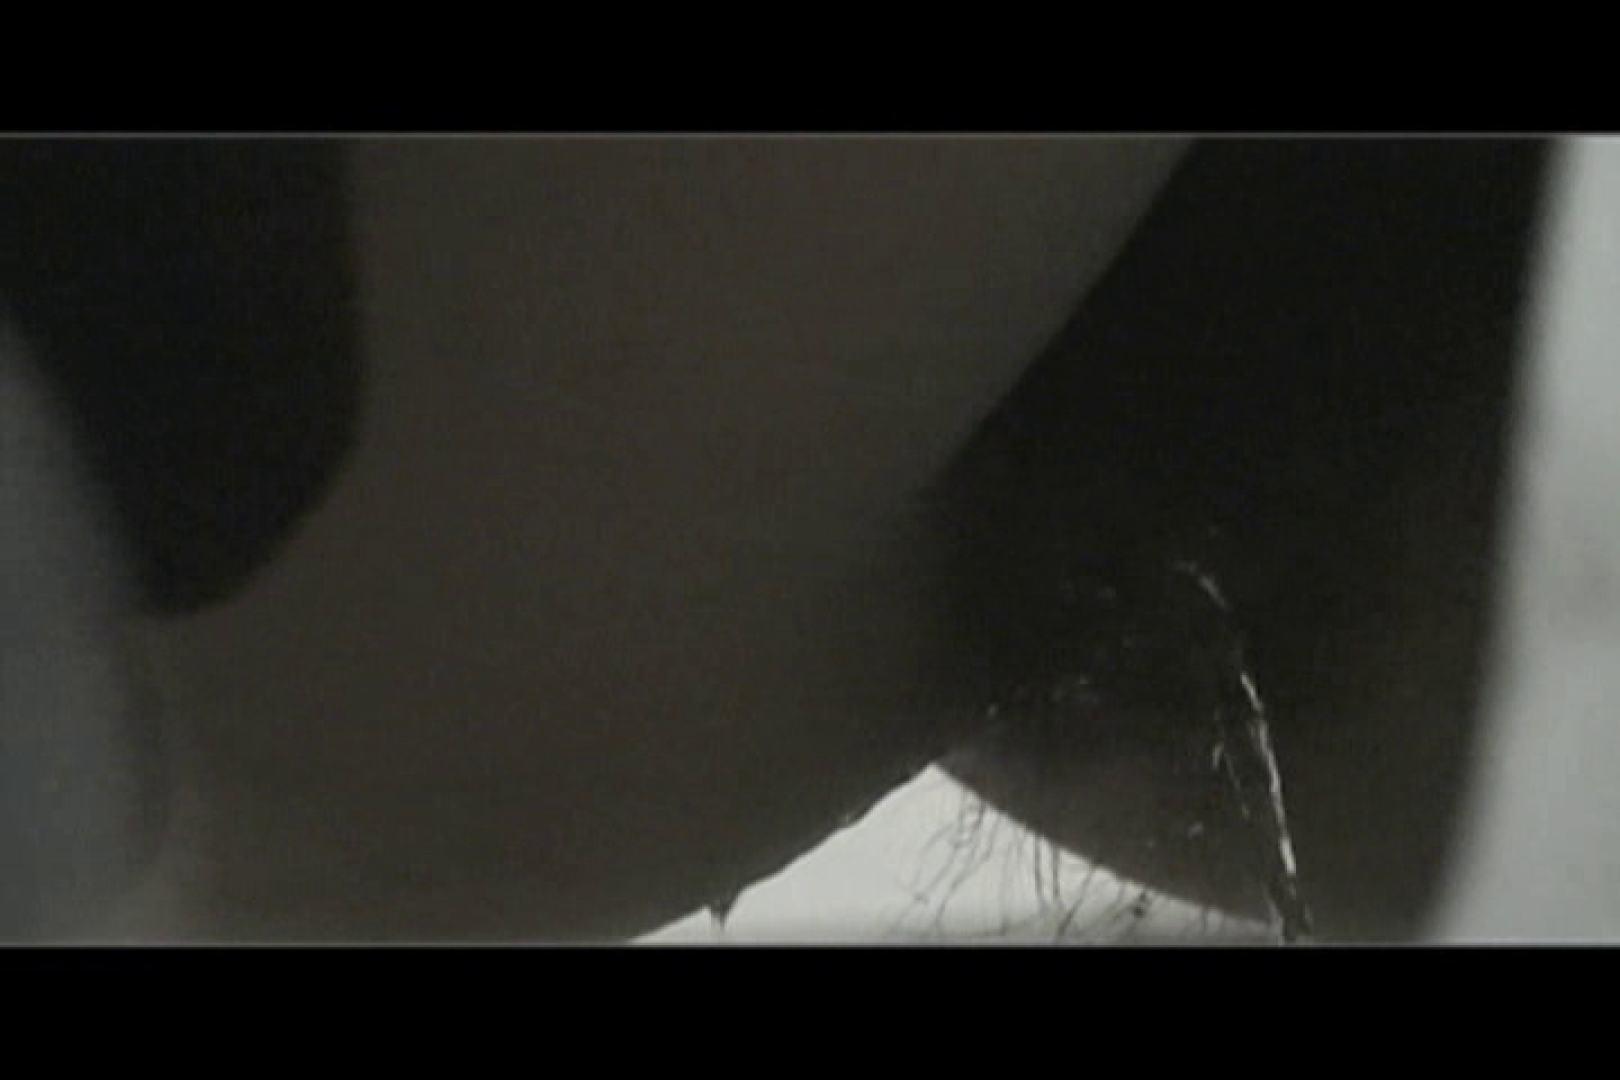 マンコ丸見え女子洗面所Vol.8 洗面所突入 オメコ無修正動画無料 98pic 66